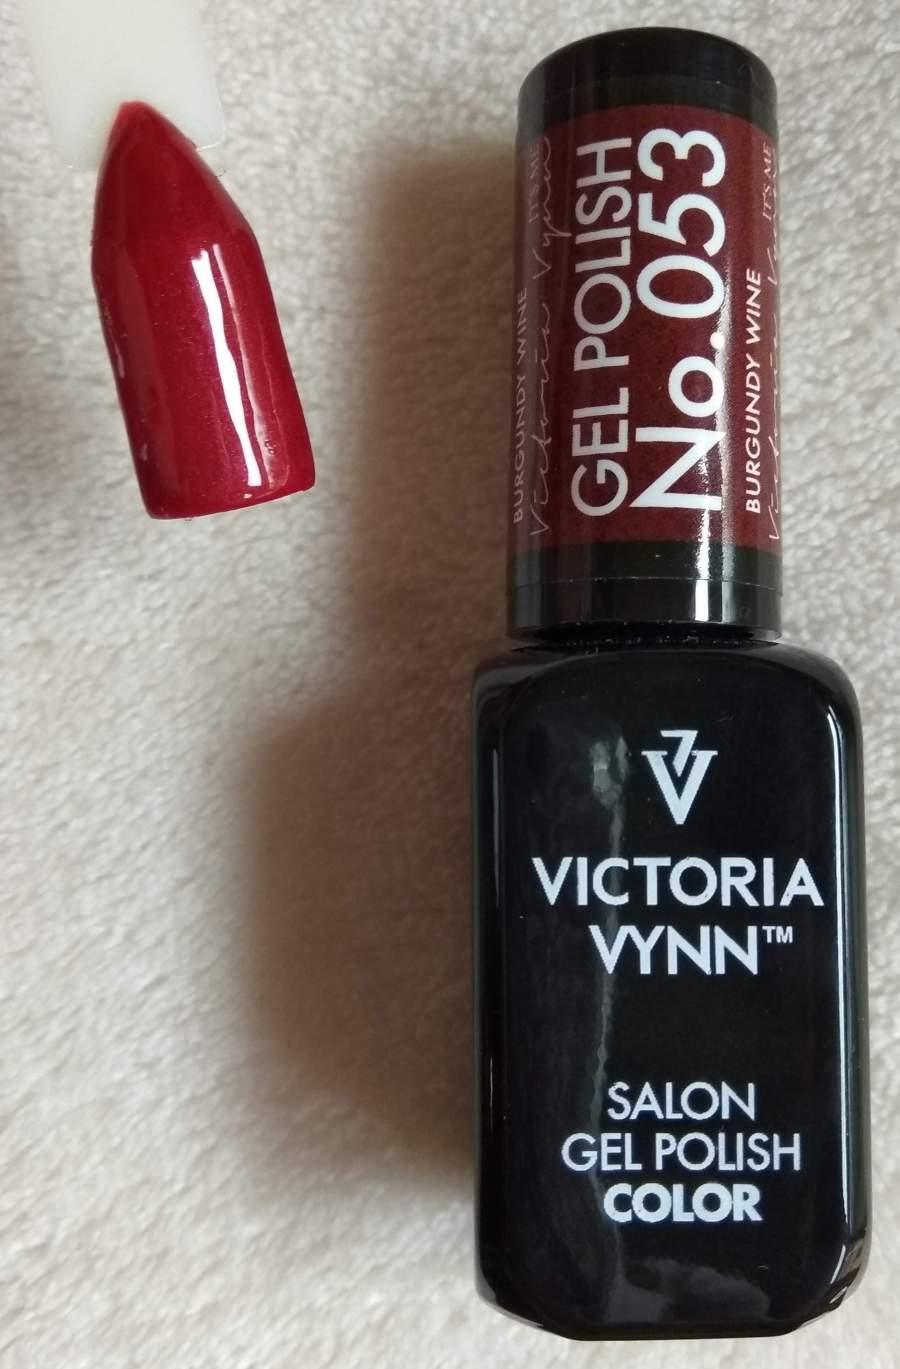 Victoria Vynn Verniz Gel Nº 053 - Burgundy Wine - 8 ml